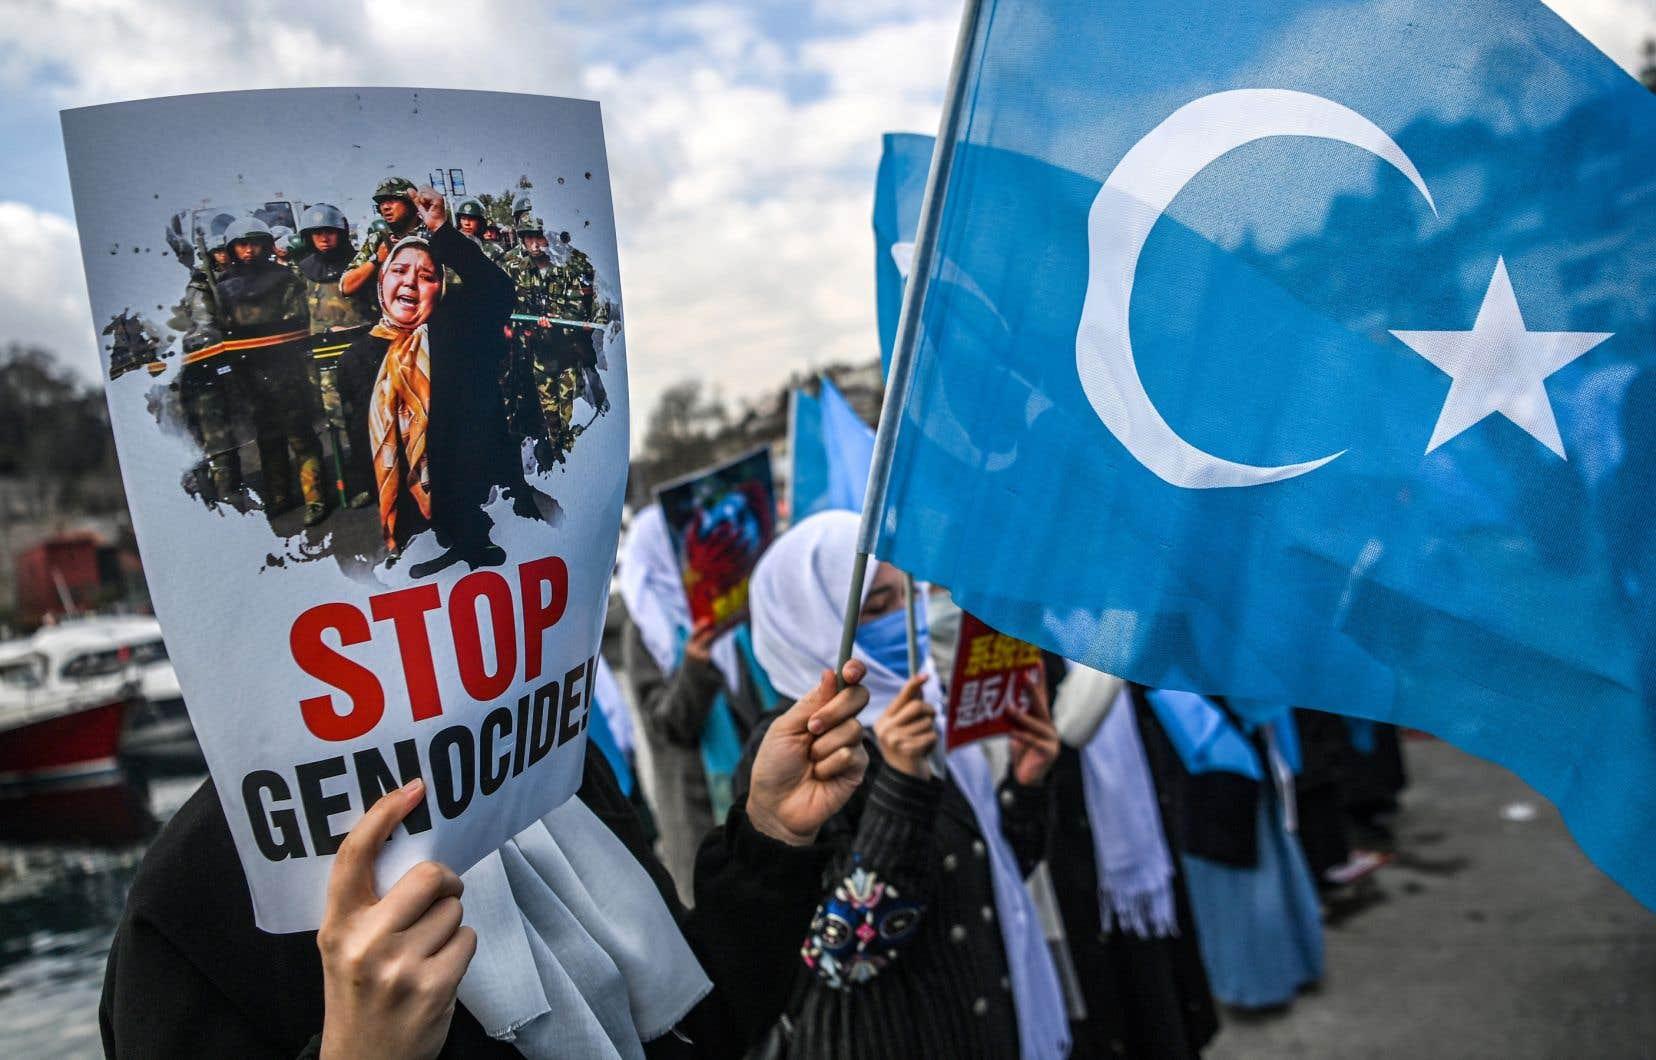 Des manifestations contre l'exploitation de la minorité ouïgoure en Chine ont lieu partout dans le monde, comme ici en Turquie.